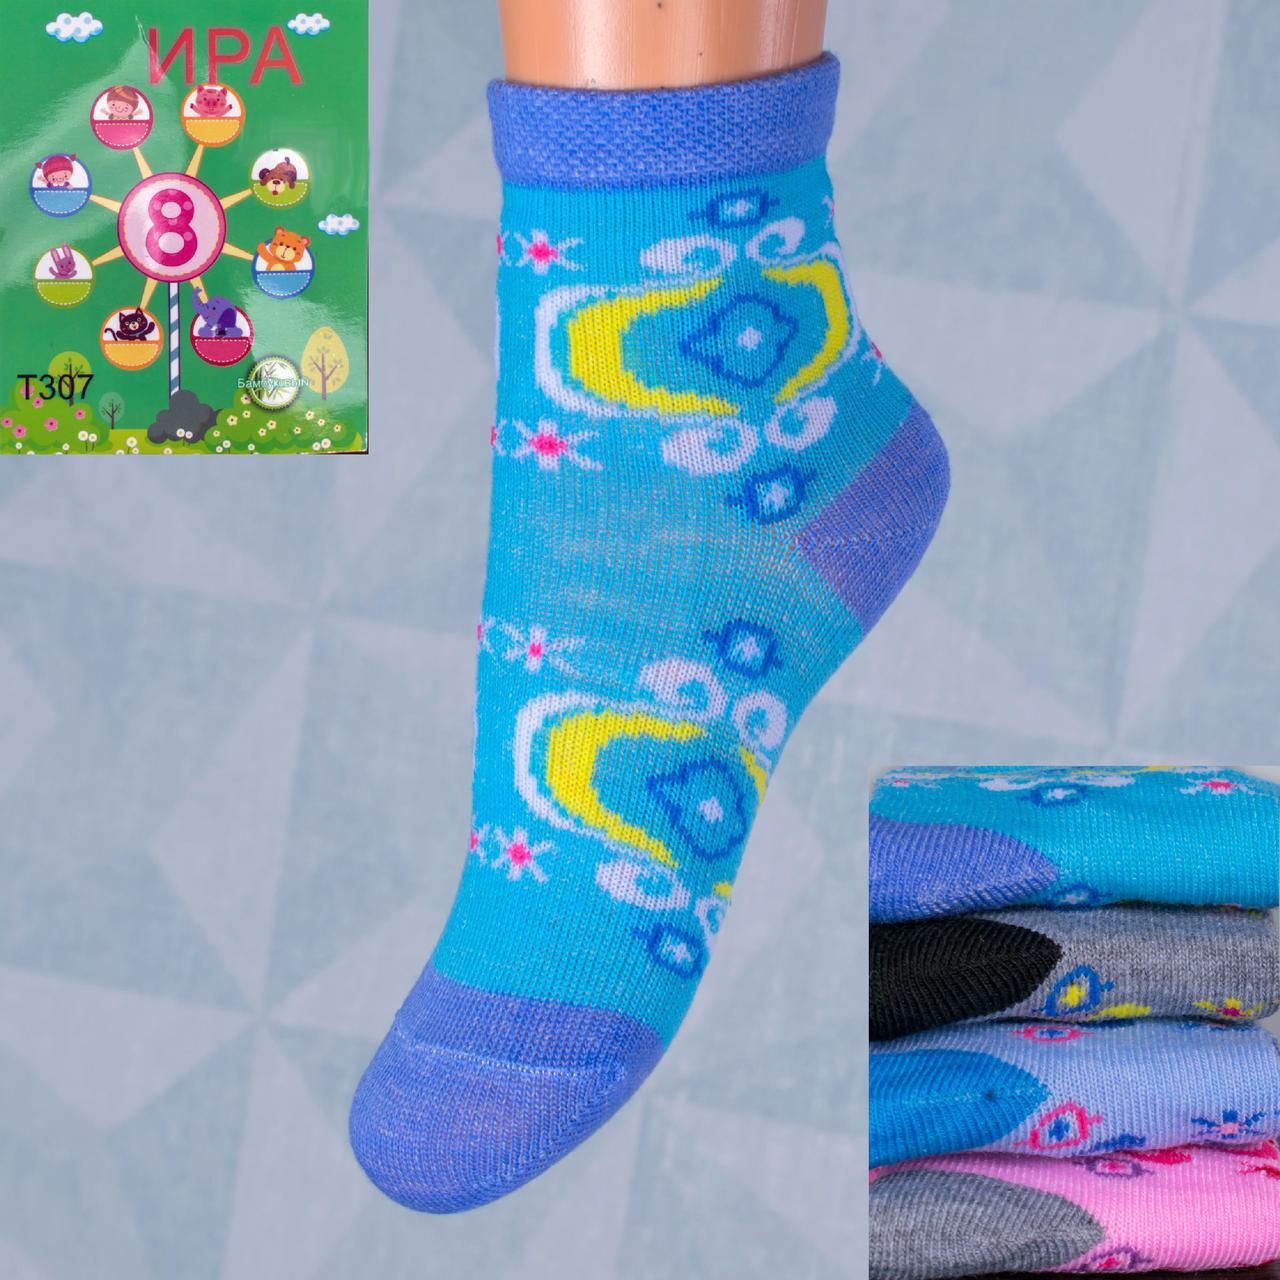 Детские носочки на девочку Ира Т307 26-31. В упаковке 12 пар